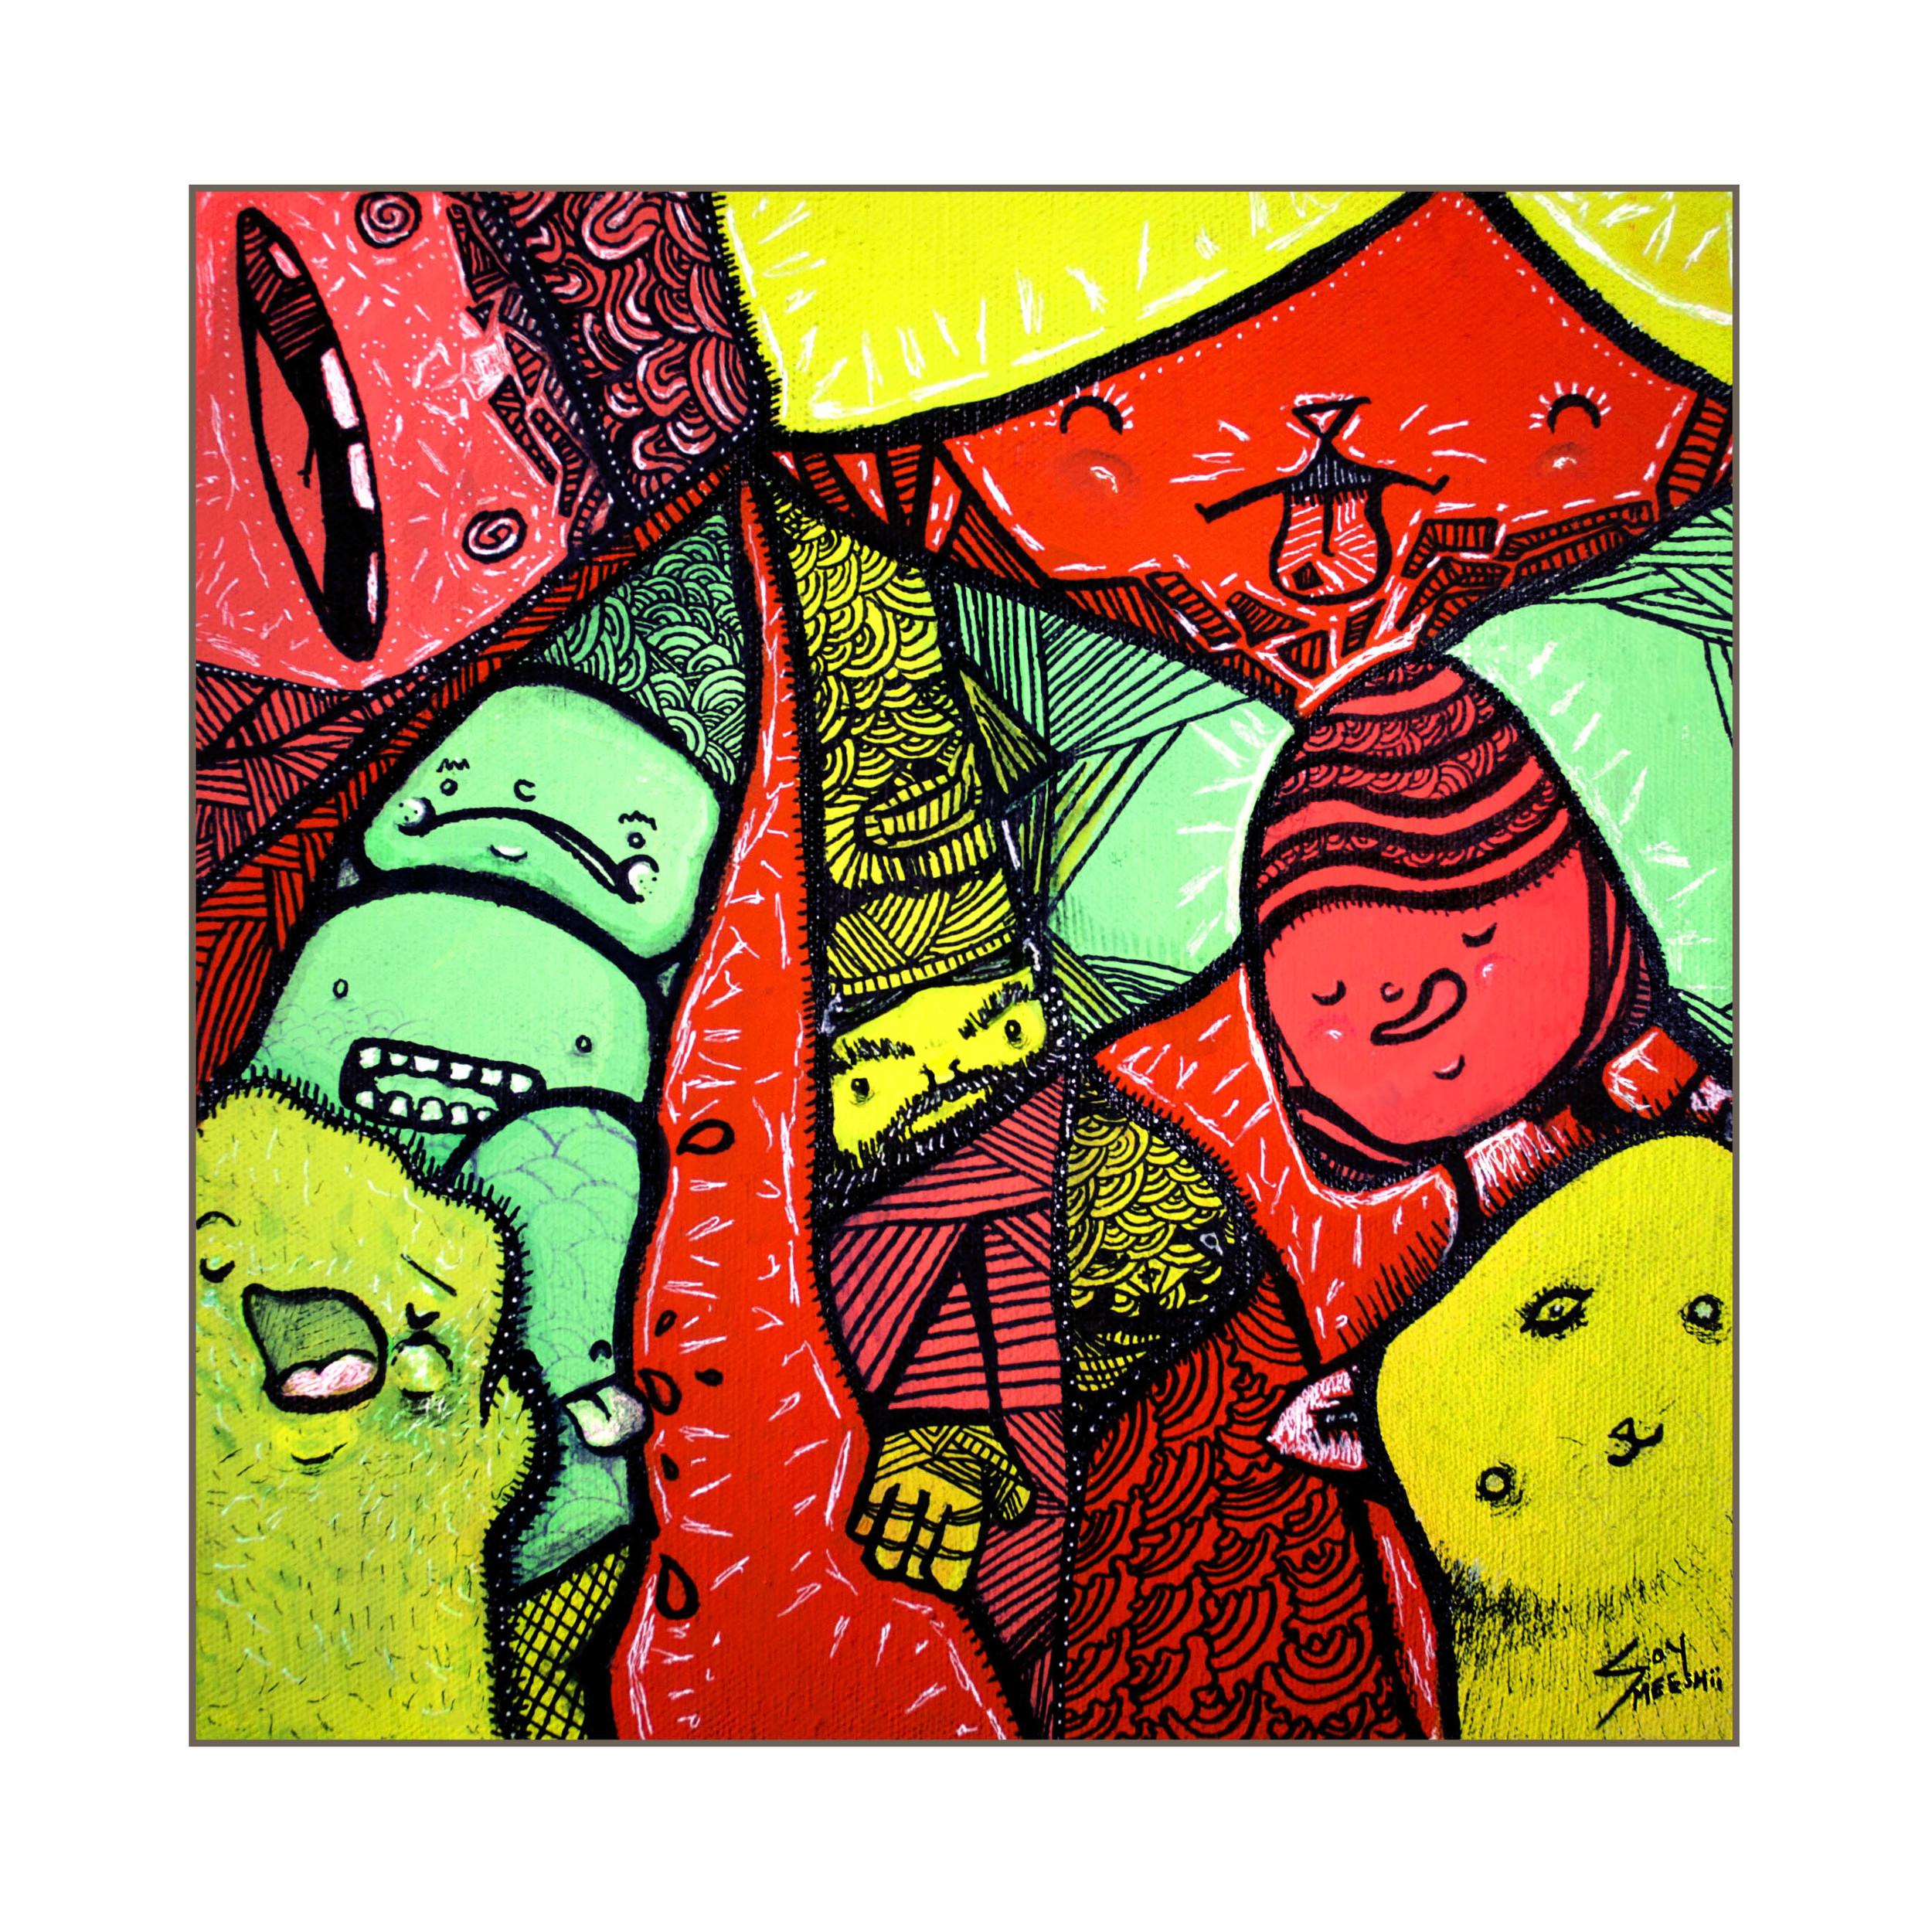 """Ak Mok   10""""x10""""  acrylic on canvas"""